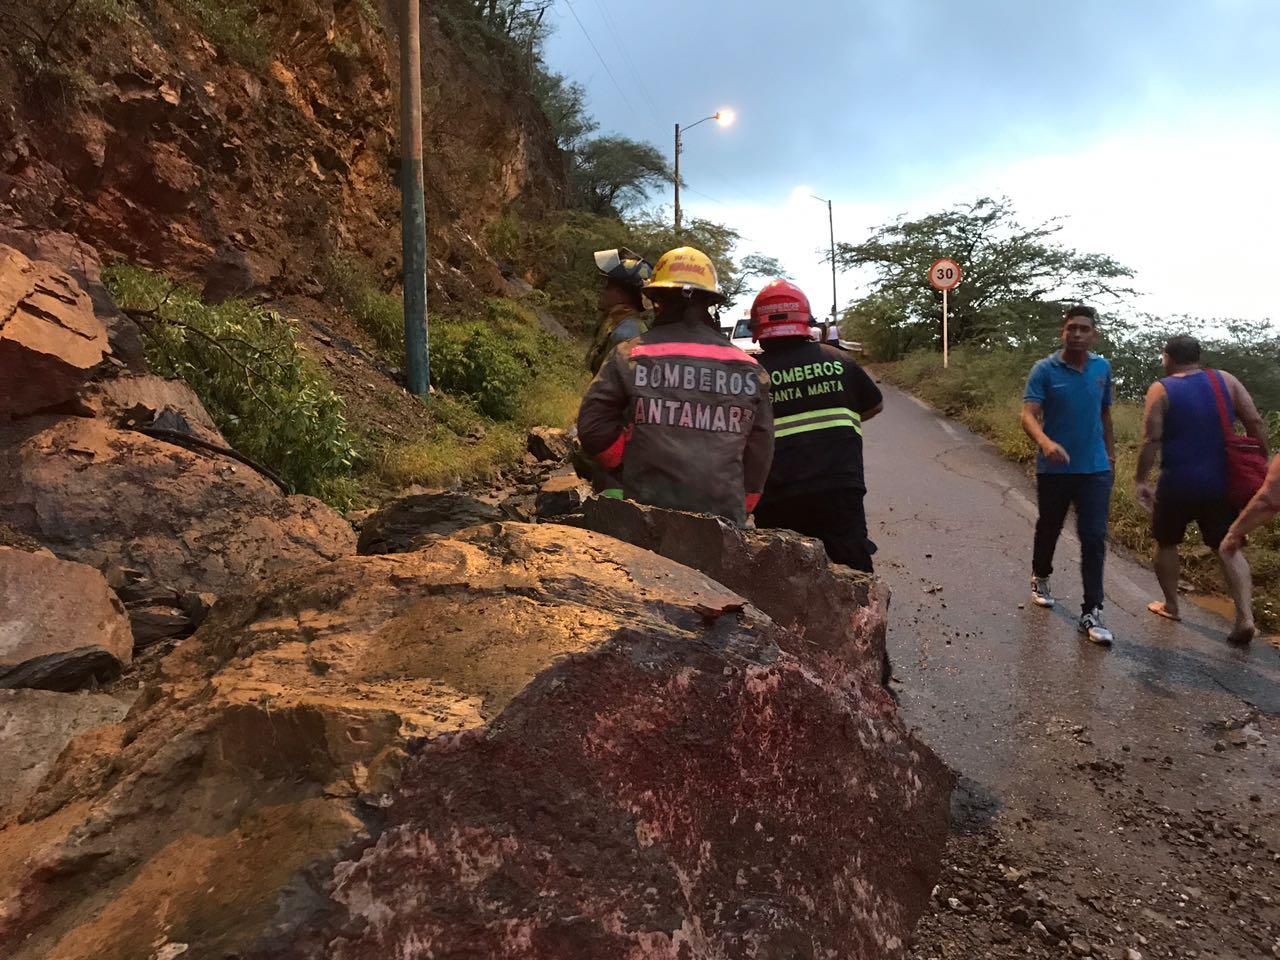 Se presentaron deslizamientos en la vía que conduce a Taganga.